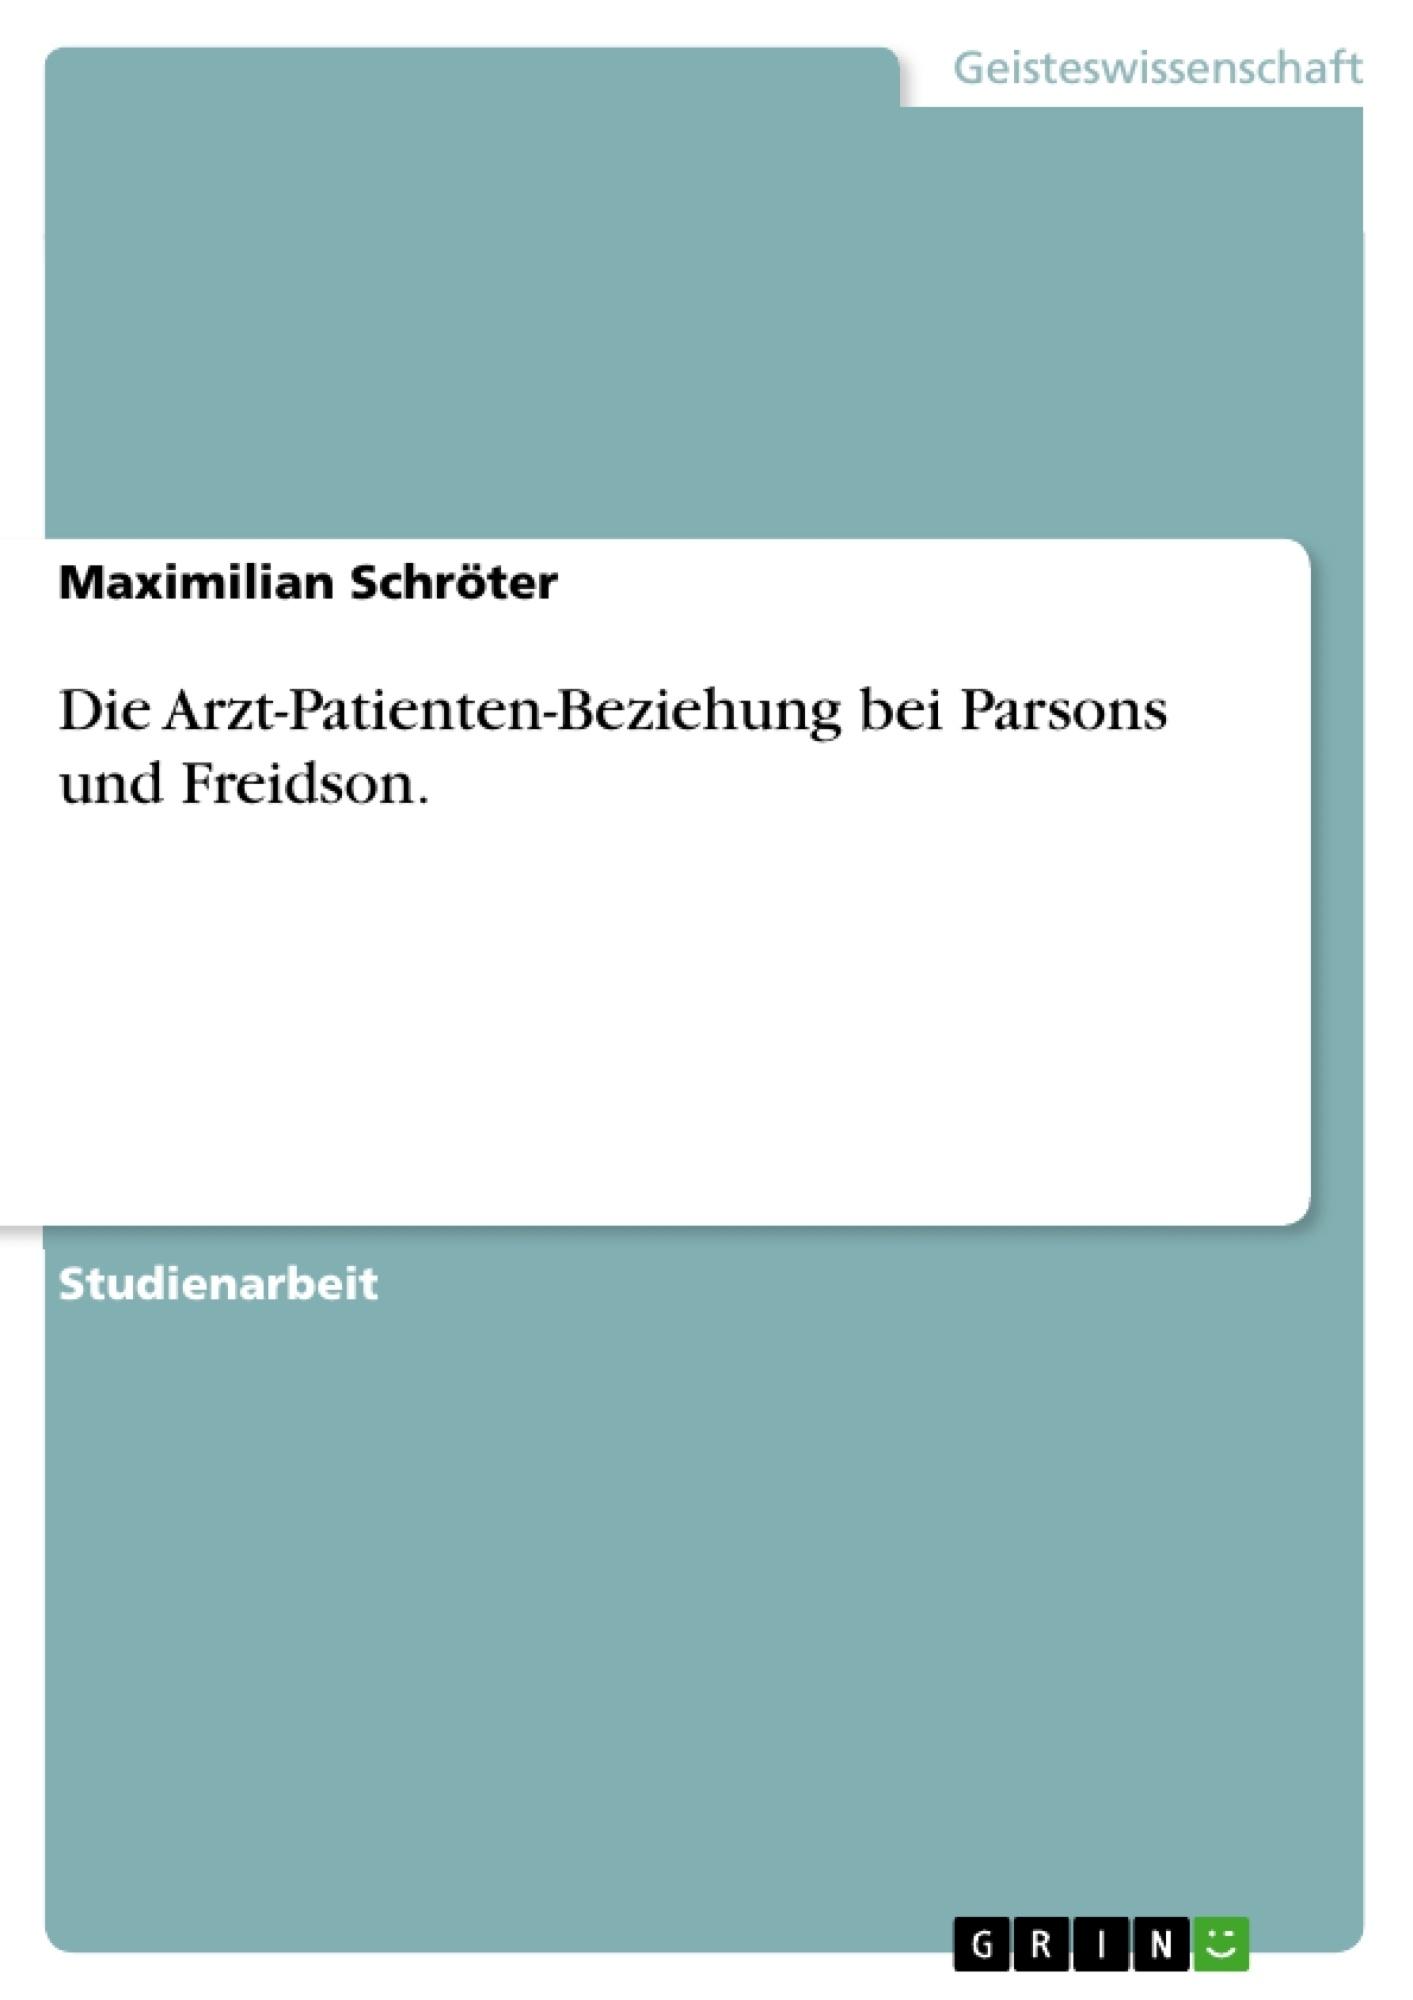 Titel: Die Arzt-Patienten-Beziehung bei Parsons und Freidson.